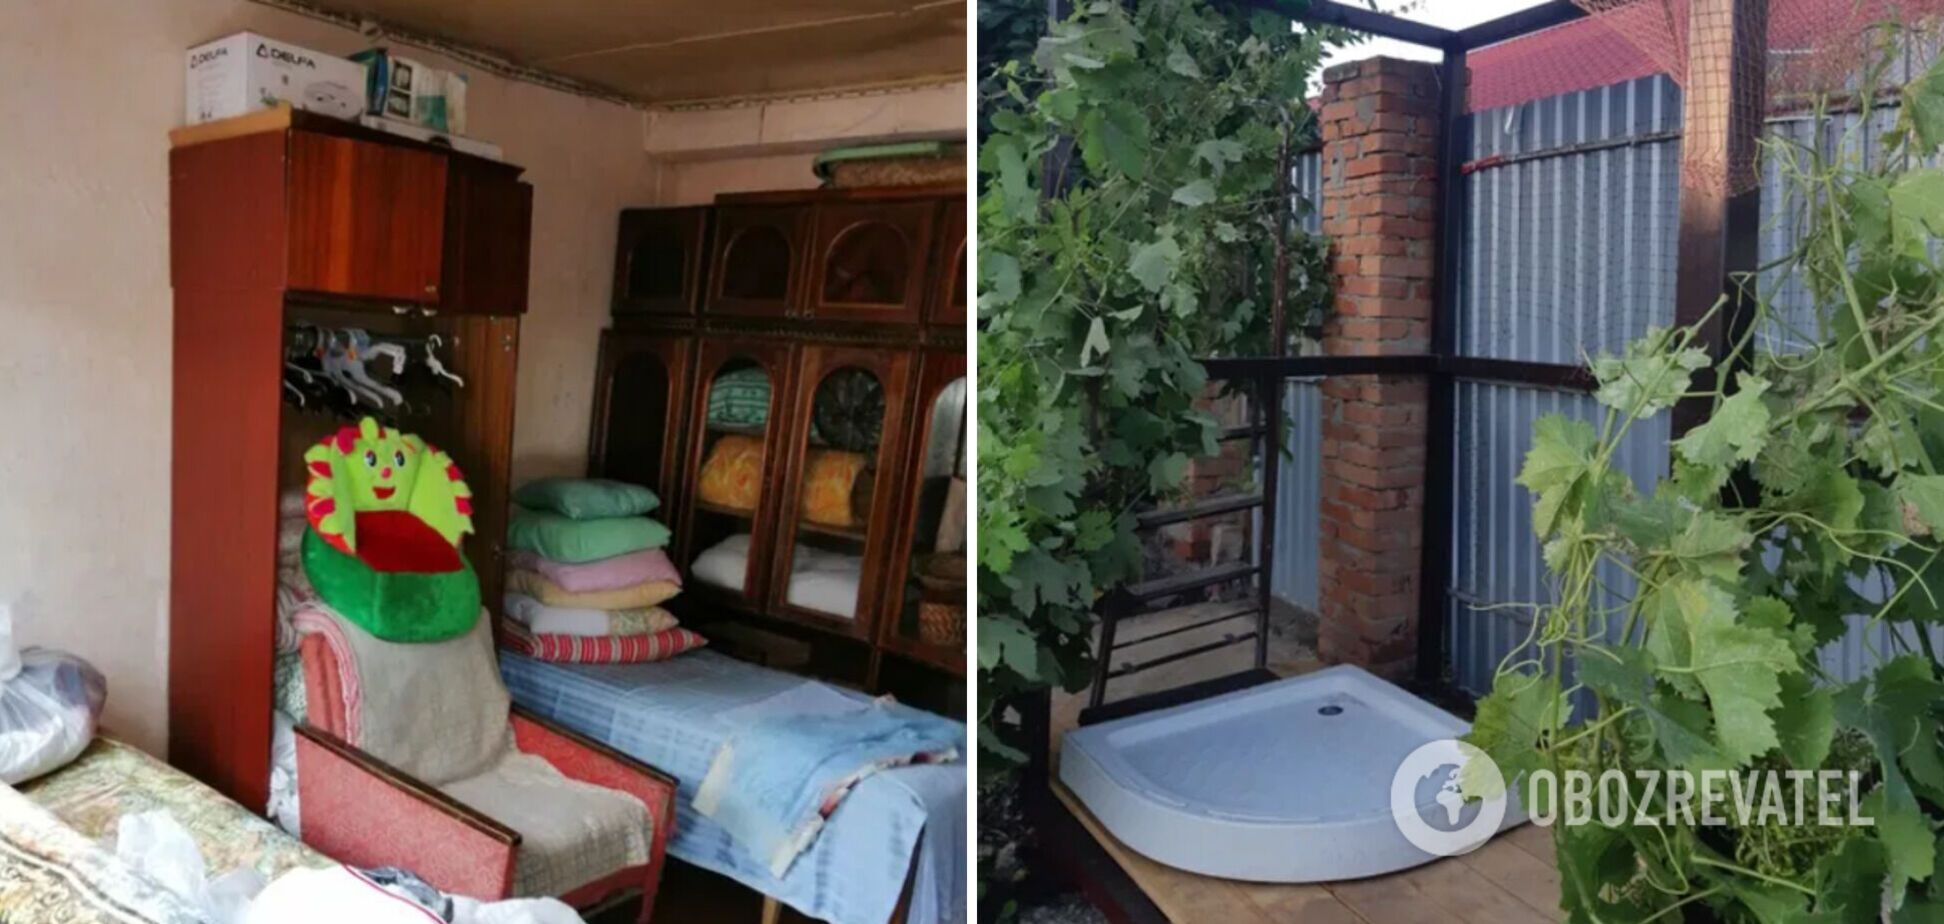 Дешево и сердито: как выглядит самое бюджетное жилье в Одессе за 130 гривен в сутки. Фото